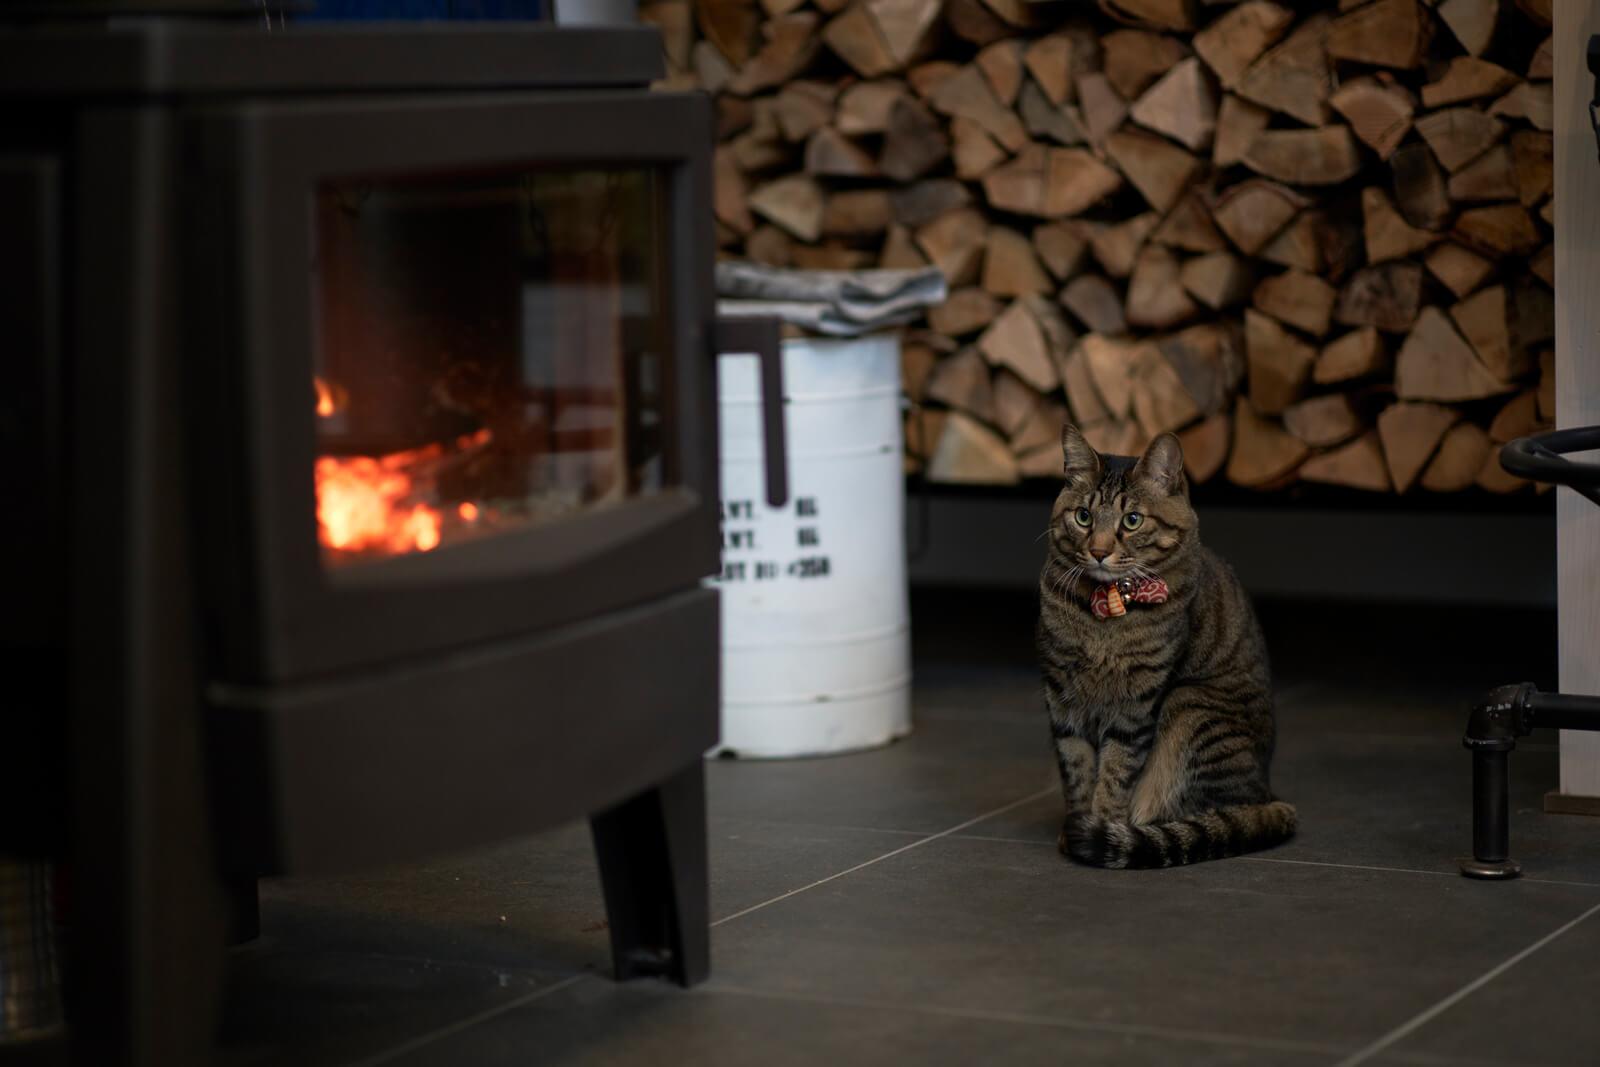 薪ストーブ前の特等席を独占するリン太郎くん。猫は家の中で最も快適な場所を知っていると言うが、まさにその通り